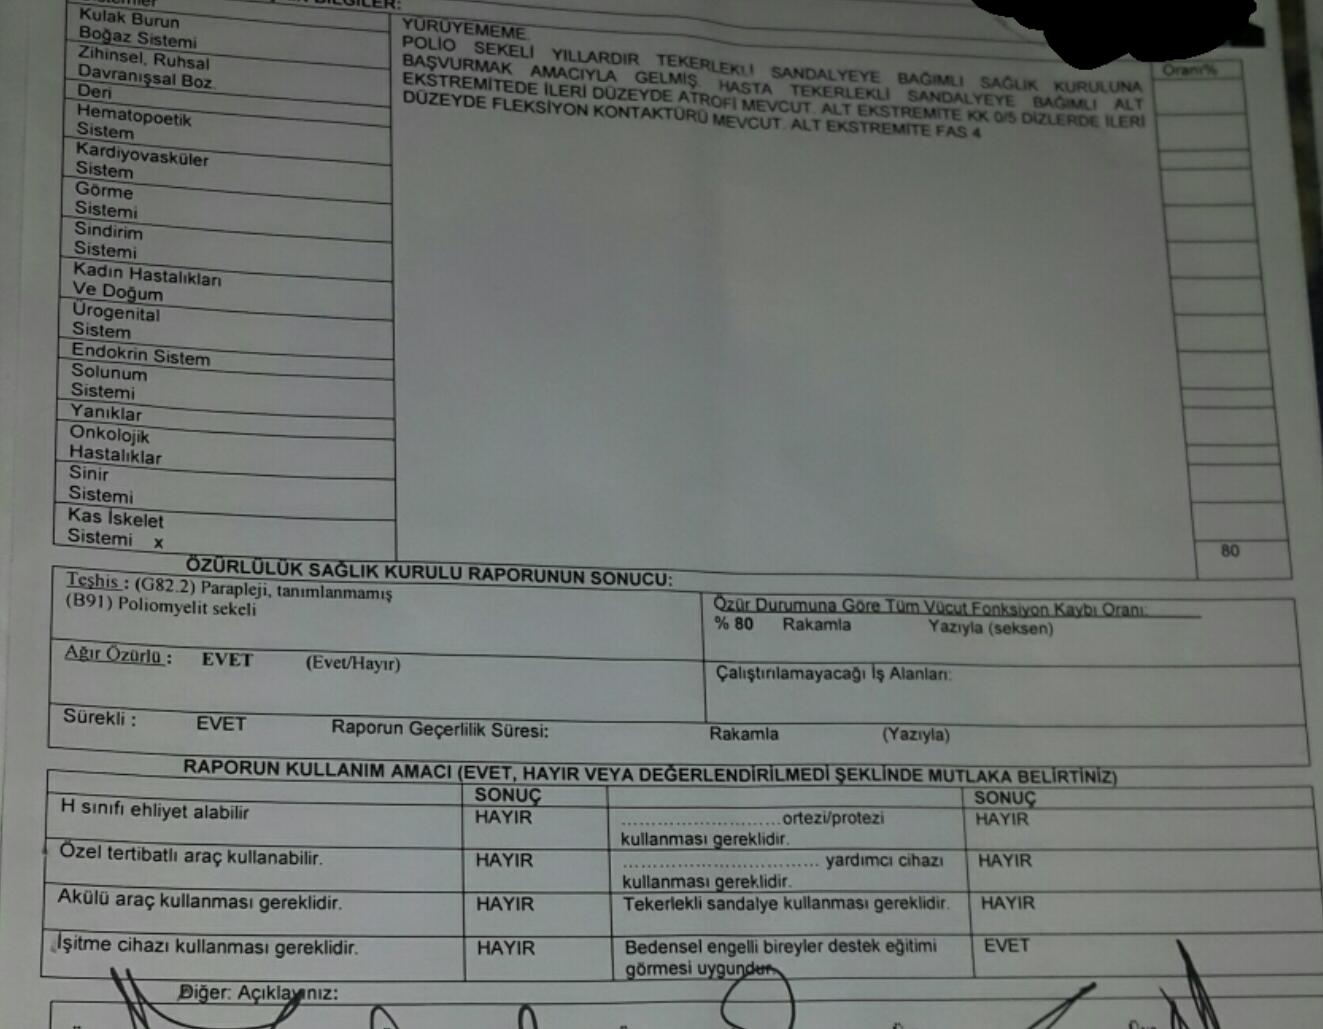 m3yr74 - H sınıfı sürücü belgesi ve ÖTV'siz araç alımı için rapor paylaşımları